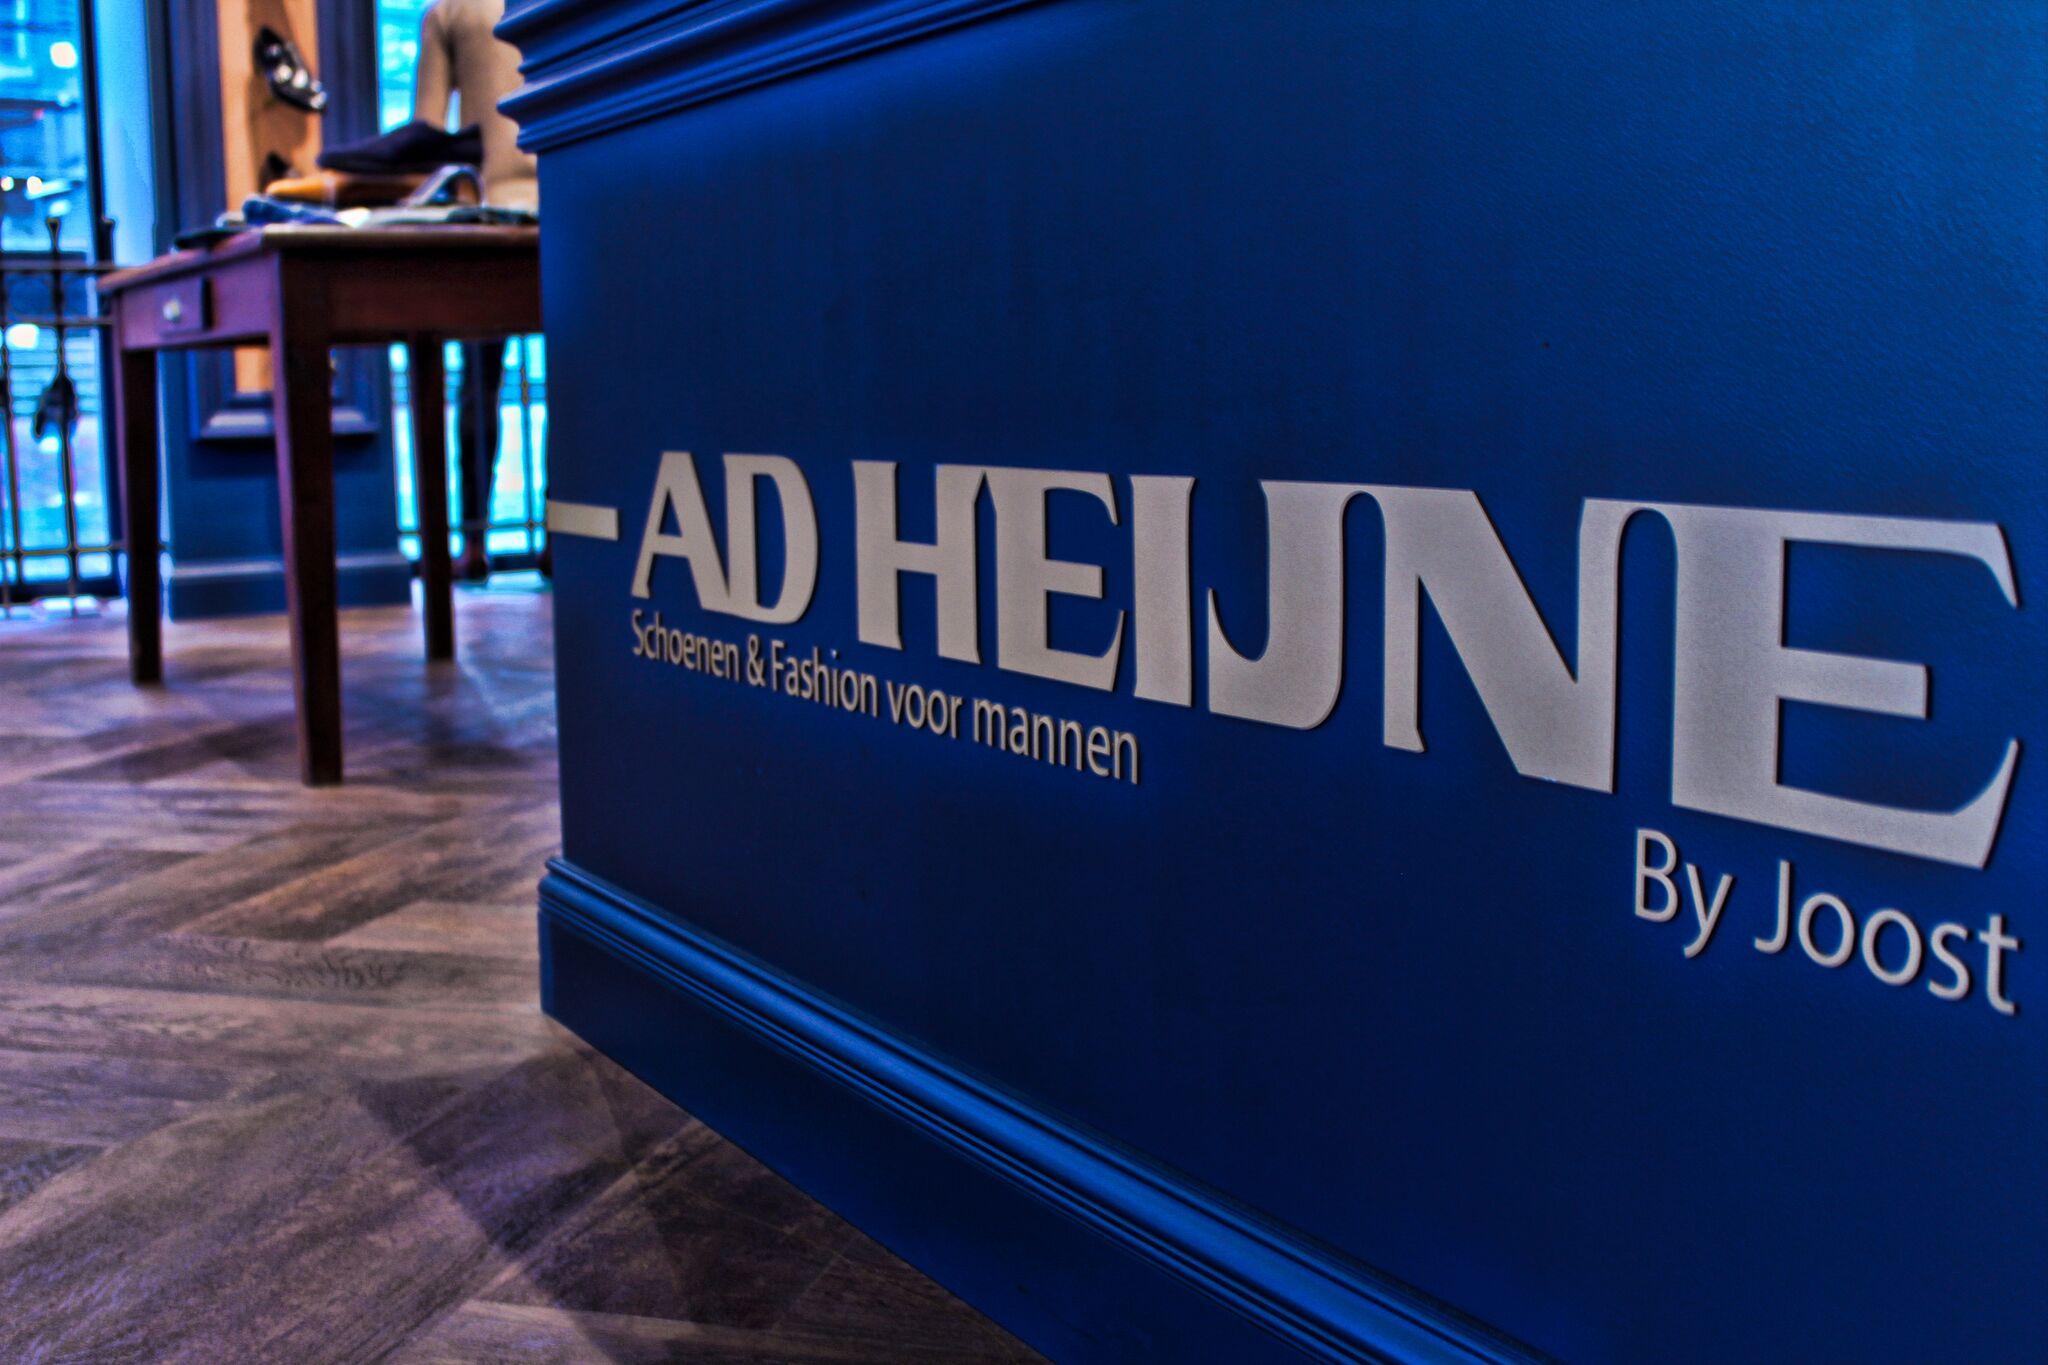 Ad Heijne Schoenen en Fashion Enschede (img nr 3)